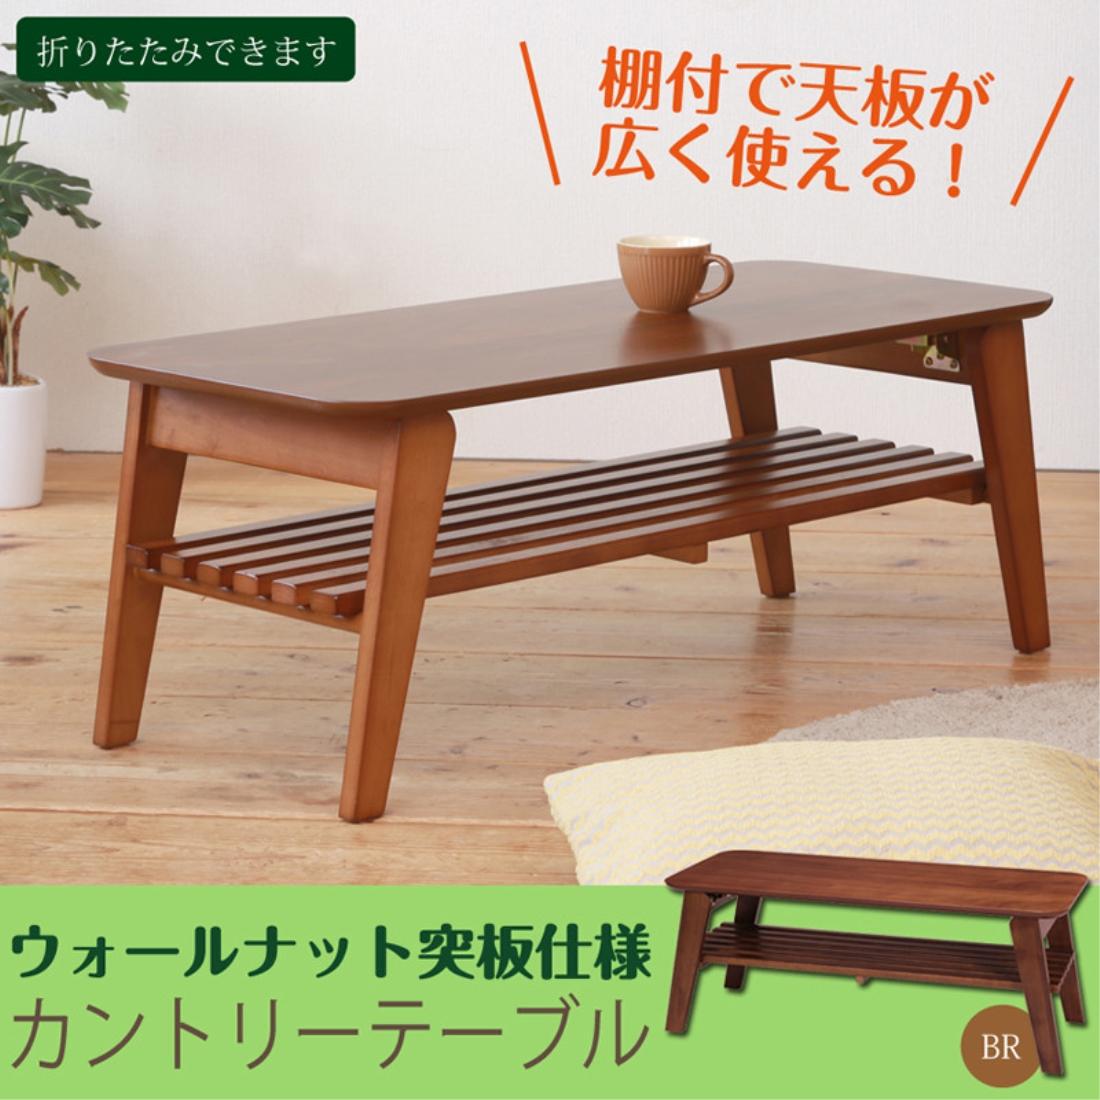 送料無料 オシャレ 家具 カントリーテーブル◎収納棚付【テーブル】【収納】【北欧風】